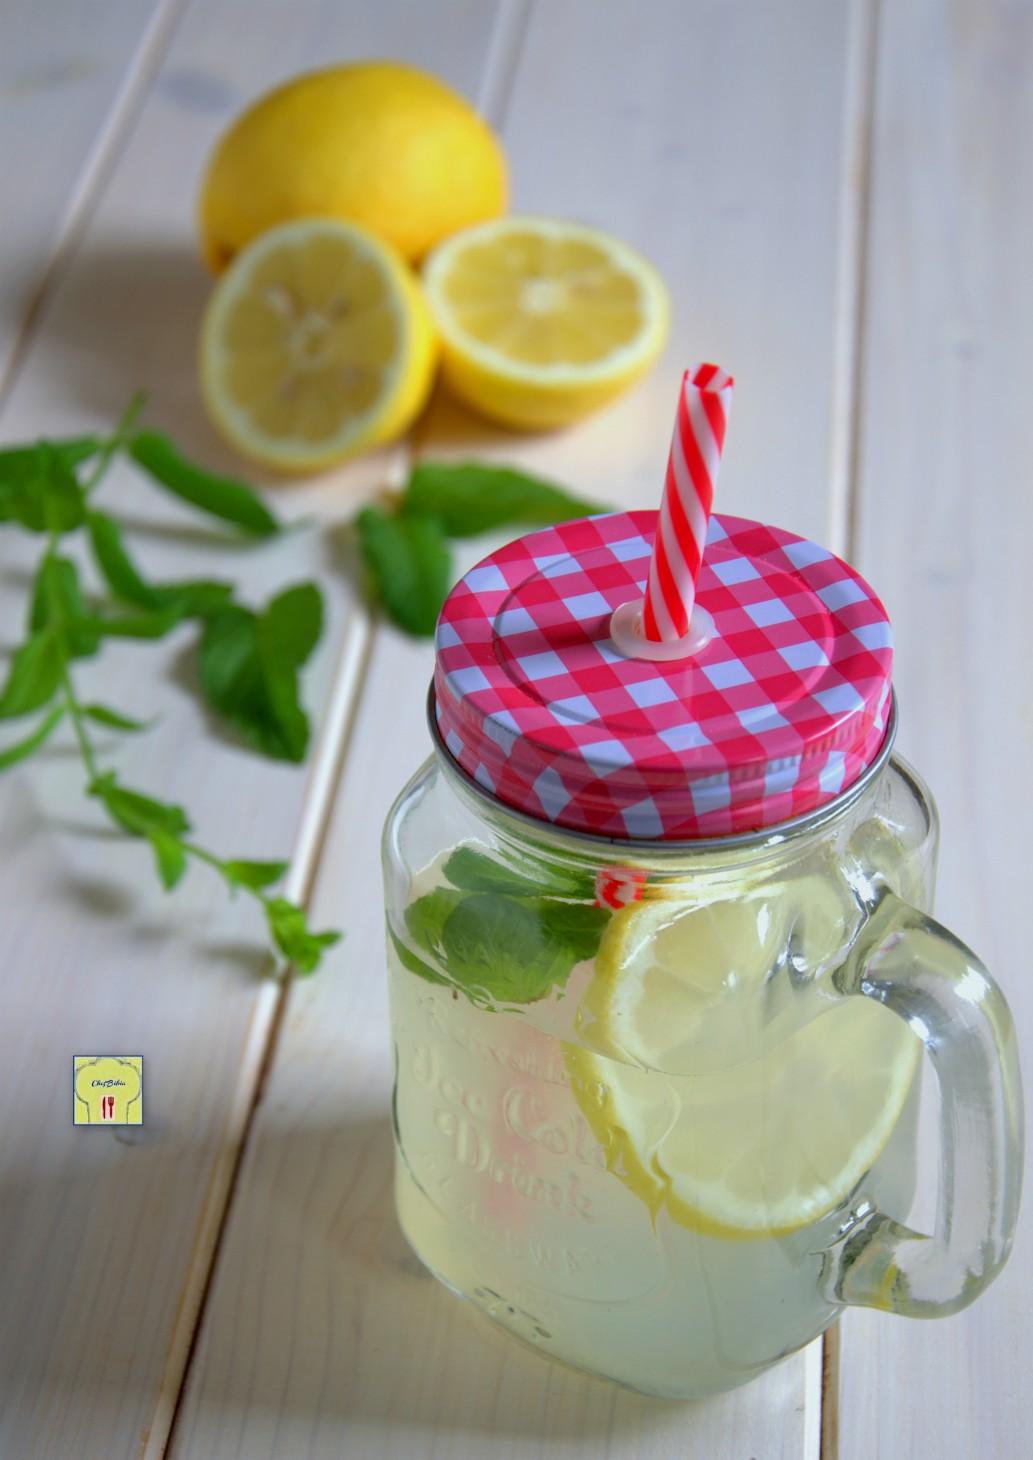 Ricetta Limonata Con Menta.Limonata Alla Menta Bevanda Fresca E Rinfrescante